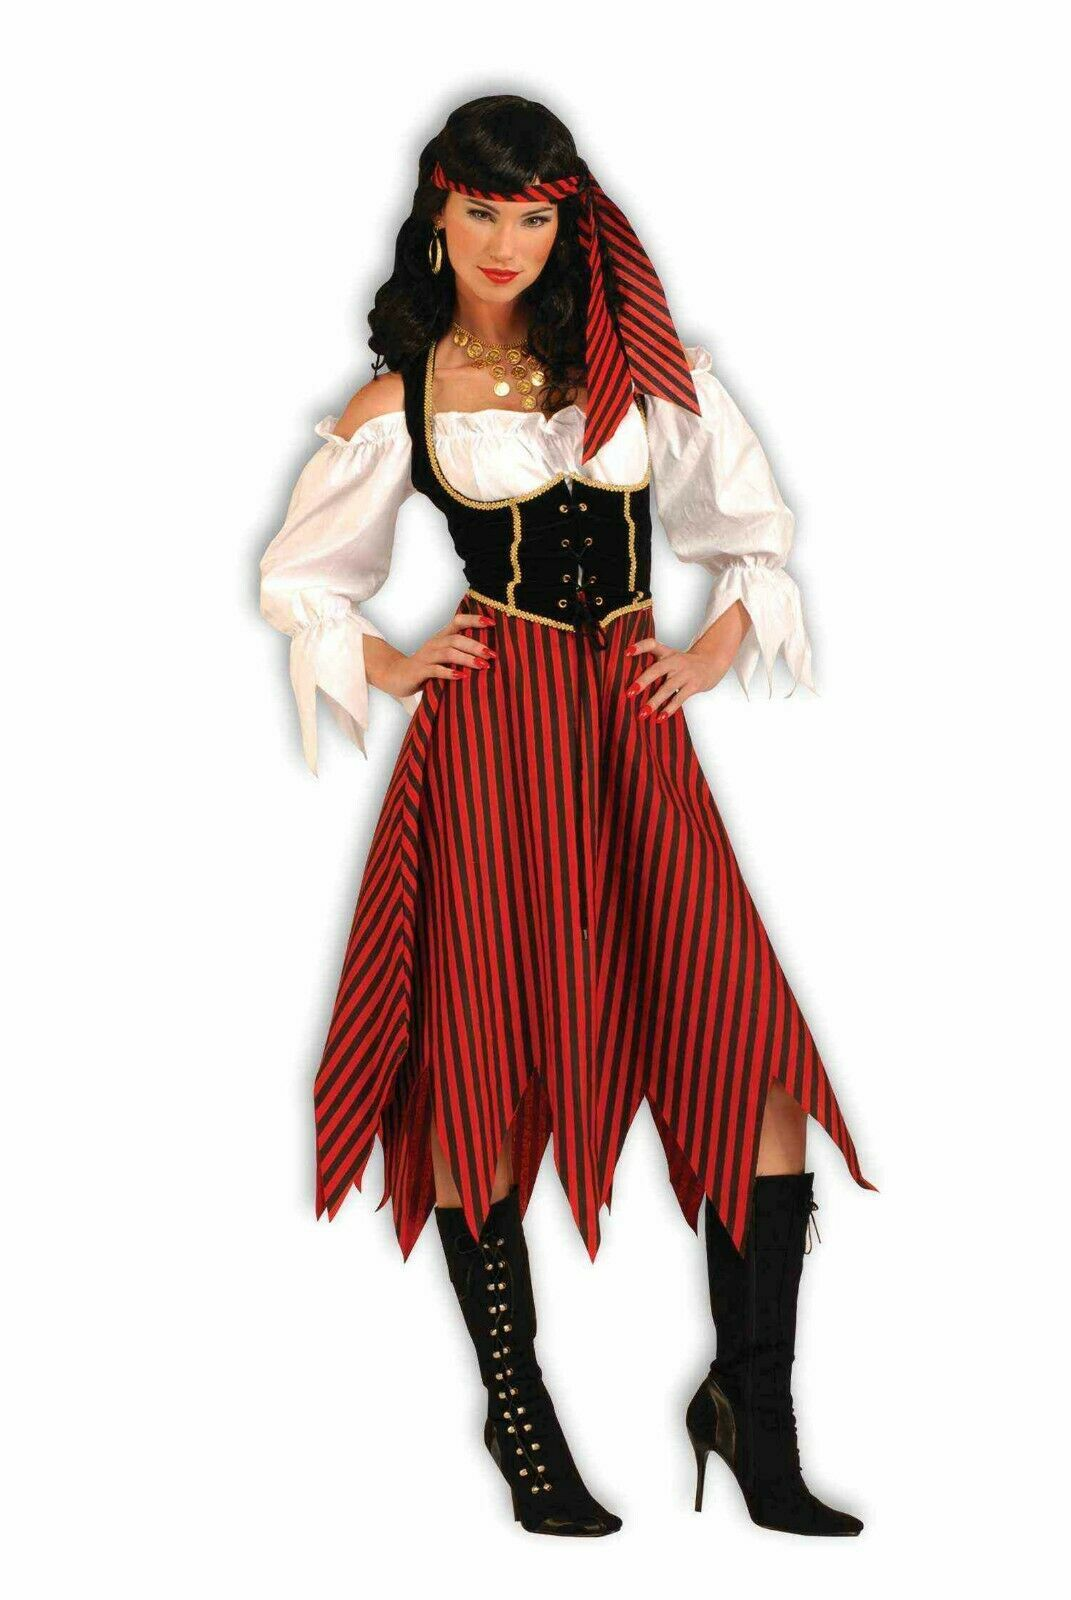 Forum Piraten Maiden Seeräuber Übergröße Erwachsene Damen Halloween Kostüm 61199